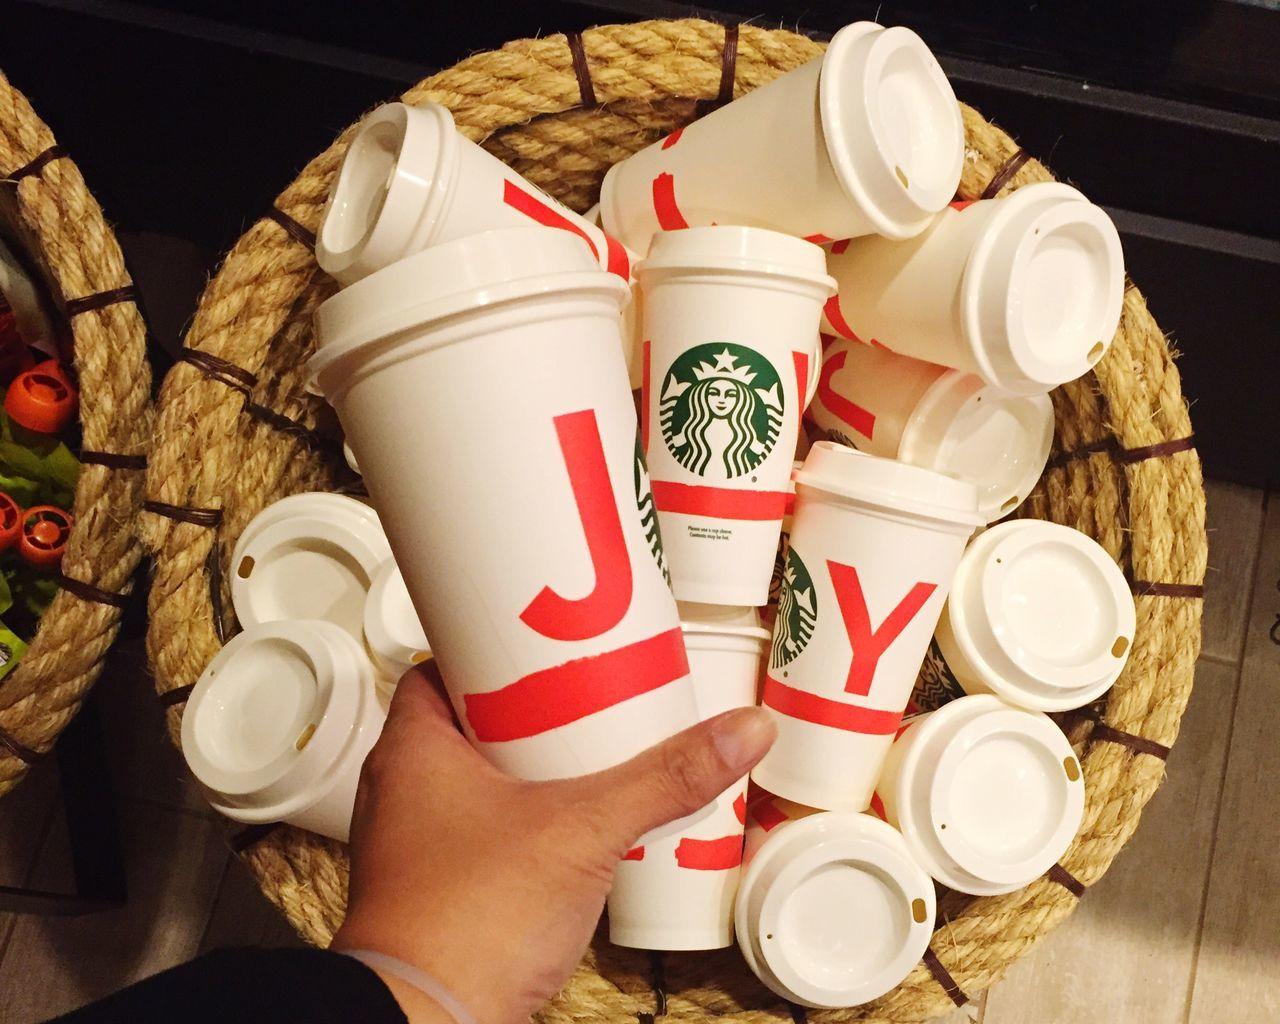 Picturing Individuality Starbucks Starbucks2015